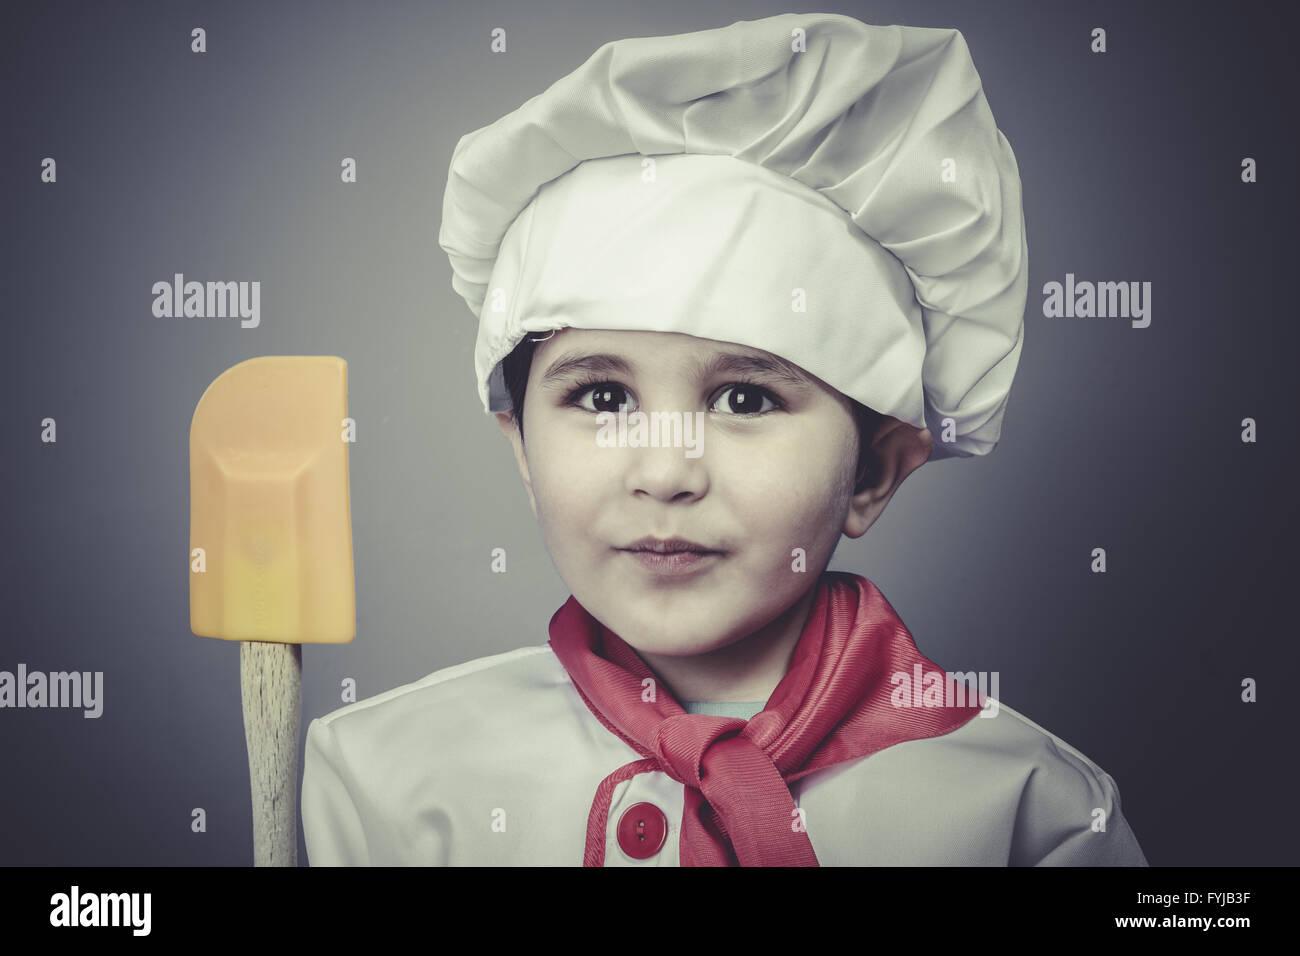 robe enfant baker chef dr le ustensiles de cuisson banque. Black Bedroom Furniture Sets. Home Design Ideas